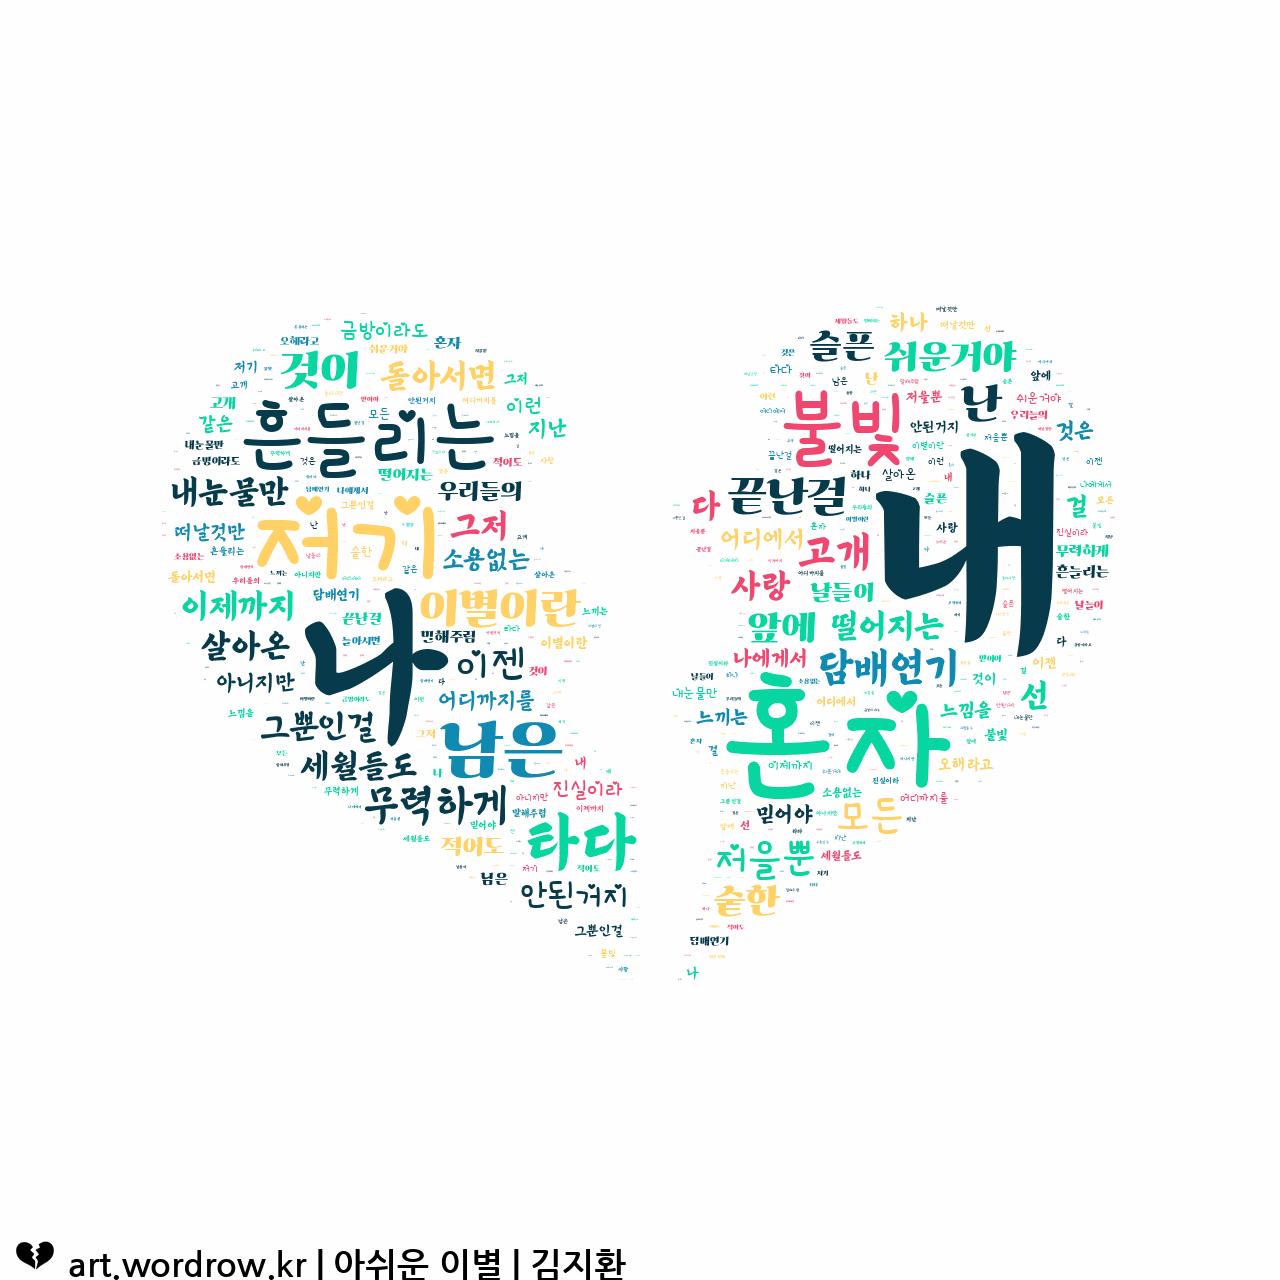 워드 클라우드: 아쉬운 이별 [김지환]-69